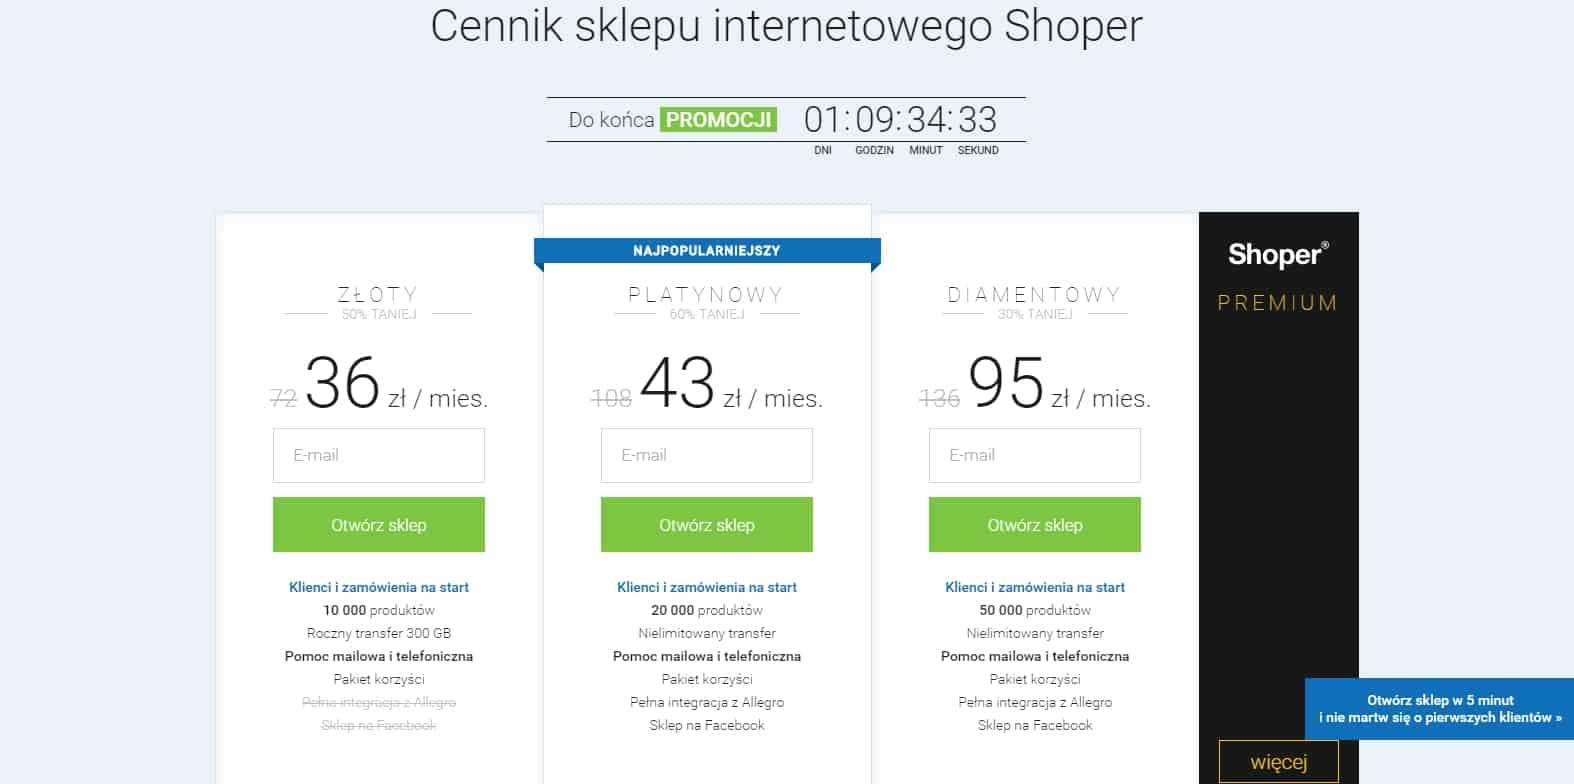 8b9a4bdacf577 ... sklepów internetowych (limit do 50000 produktów). W swojej ofercie  Shoper oferuje również sklepy dedykowane z indywidualnie ustalanymi  cennikami.